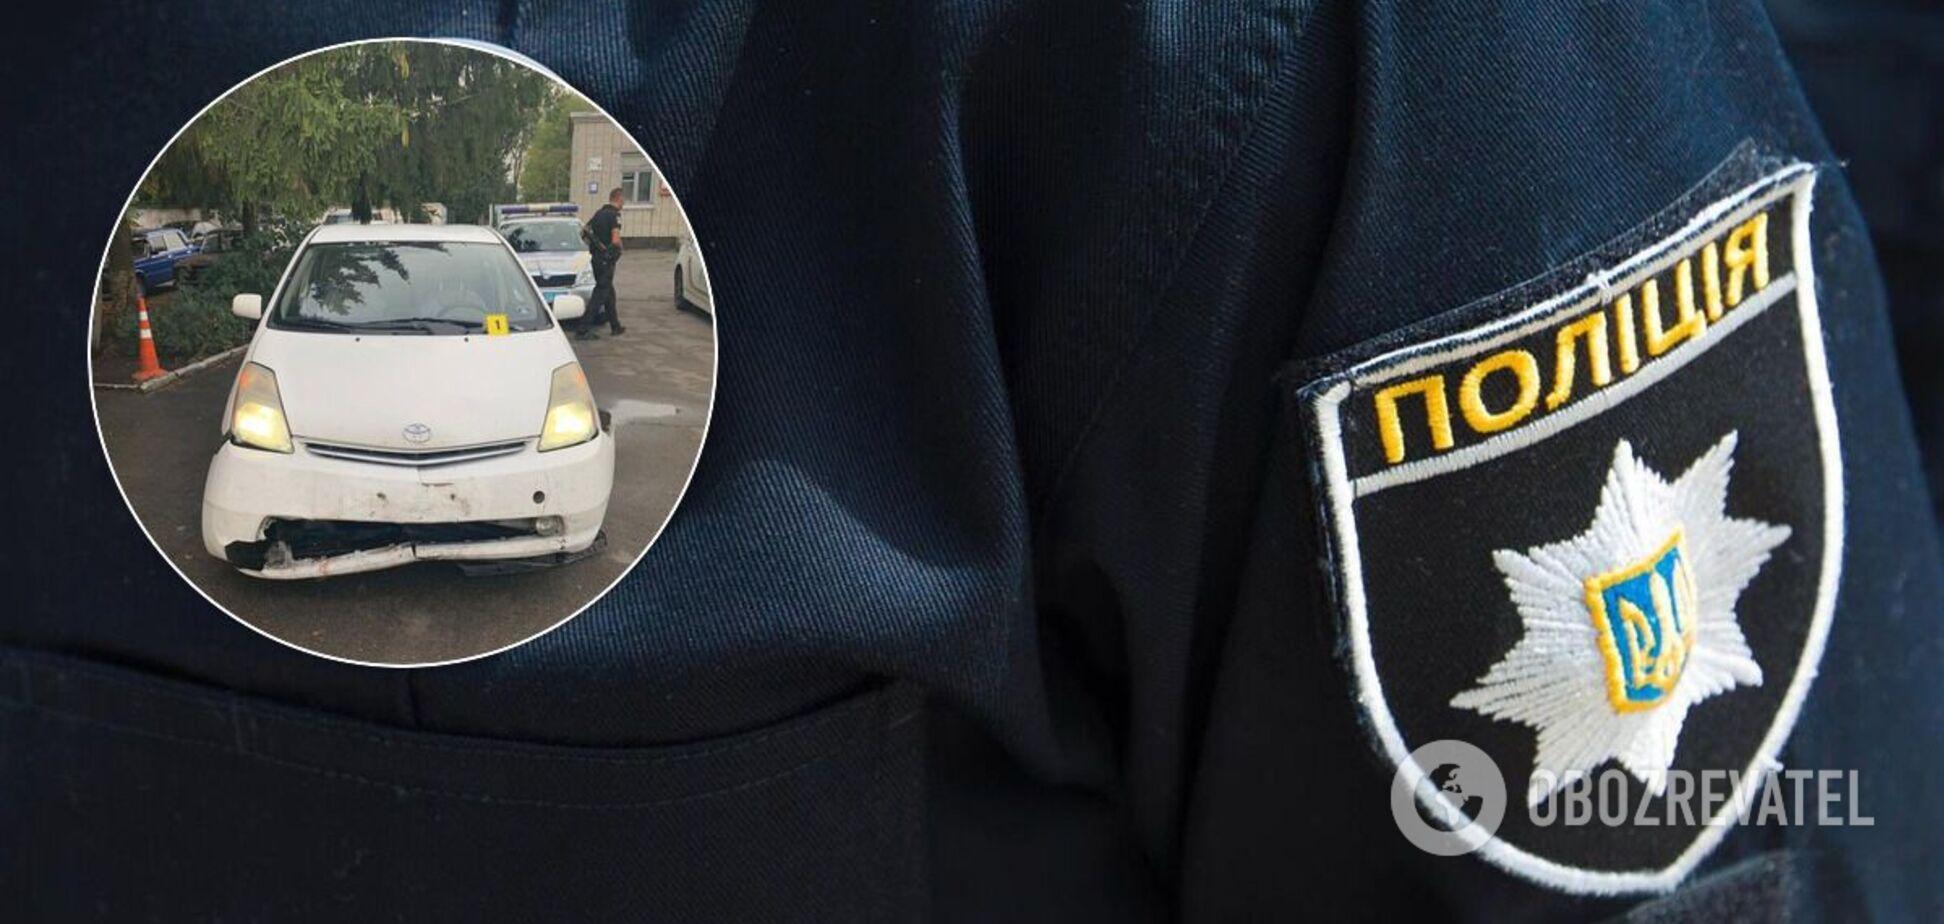 Стан курсанток, яких збив військовий у Києві, був важким